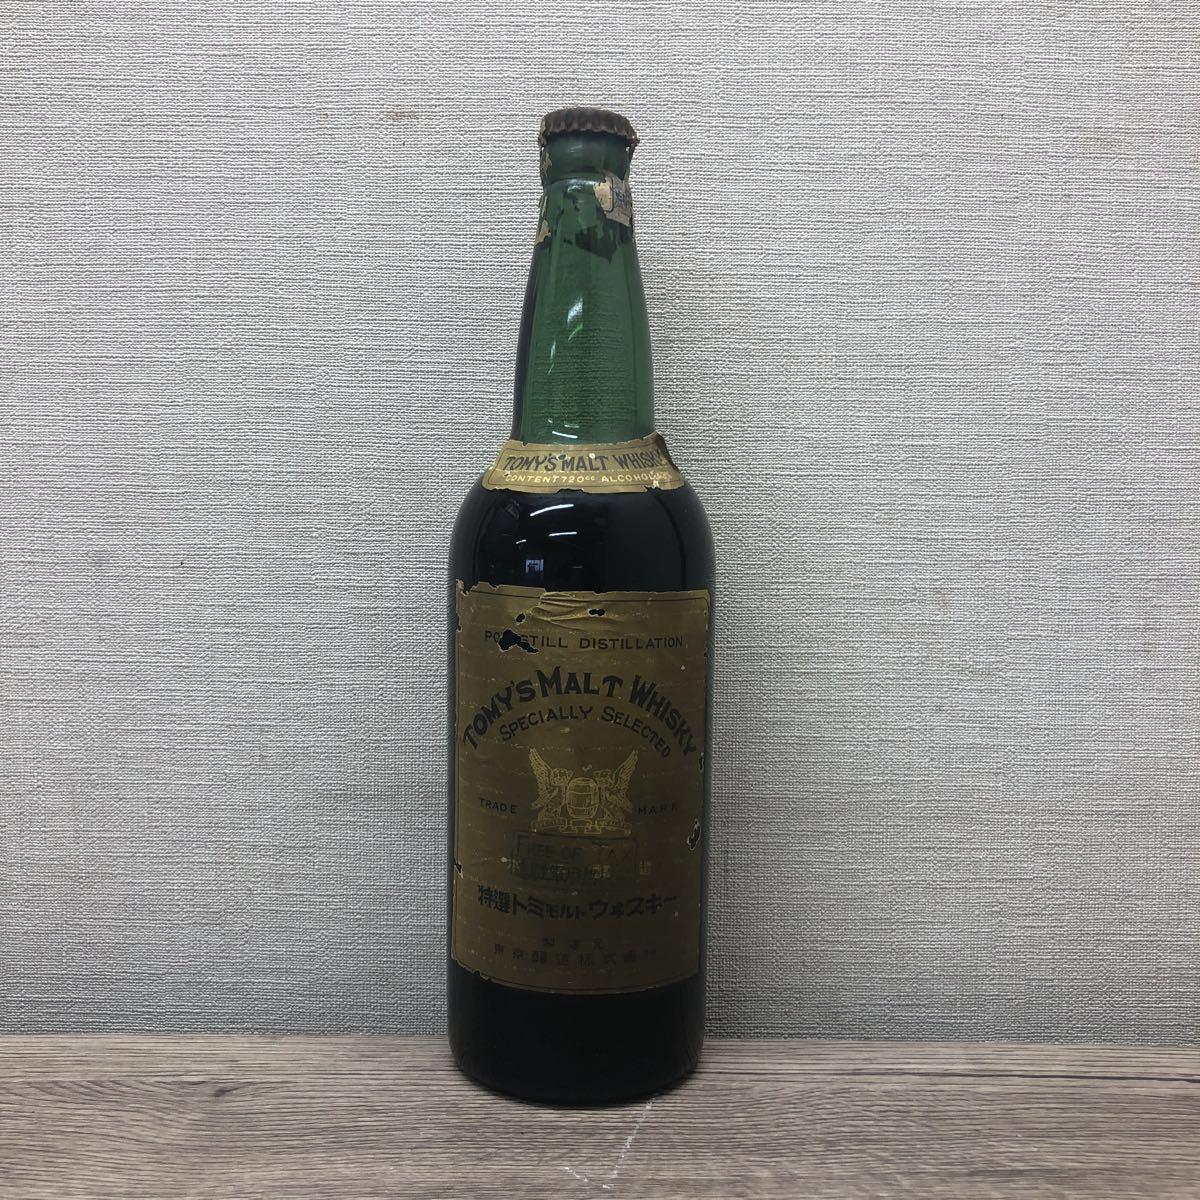 ①希少*トミーモルトウイスキー/TOMY'S MALT WHISKY/東京醸造株式會社/ウヰスキー/古酒/